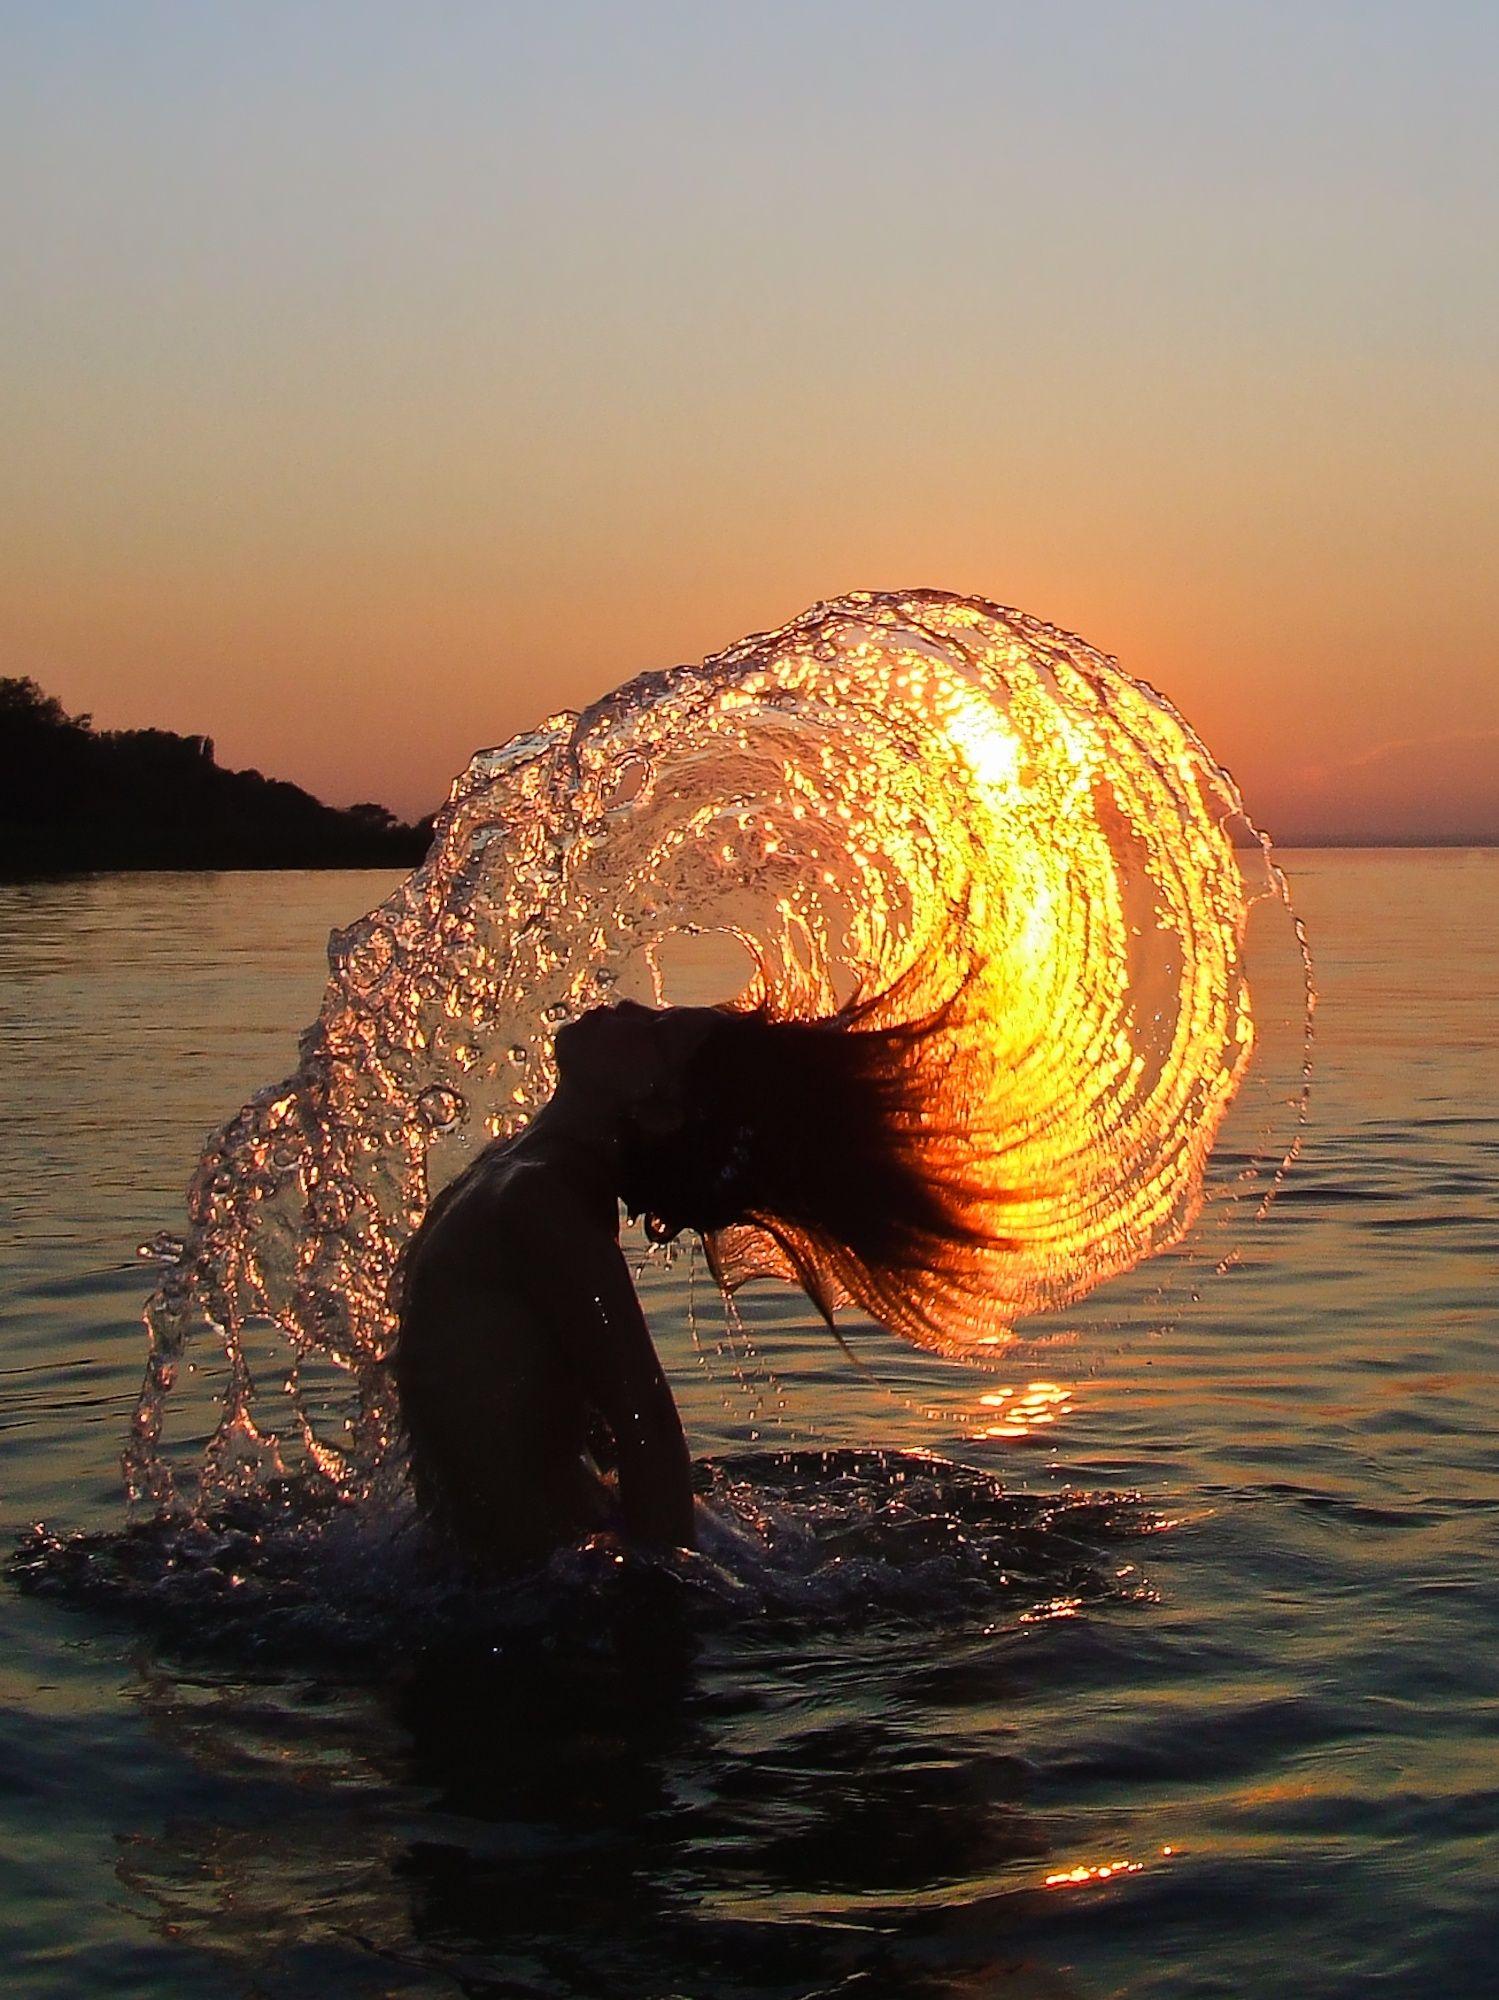 Follow my Pinterest: Alaina R | Photography | Pinterest ...